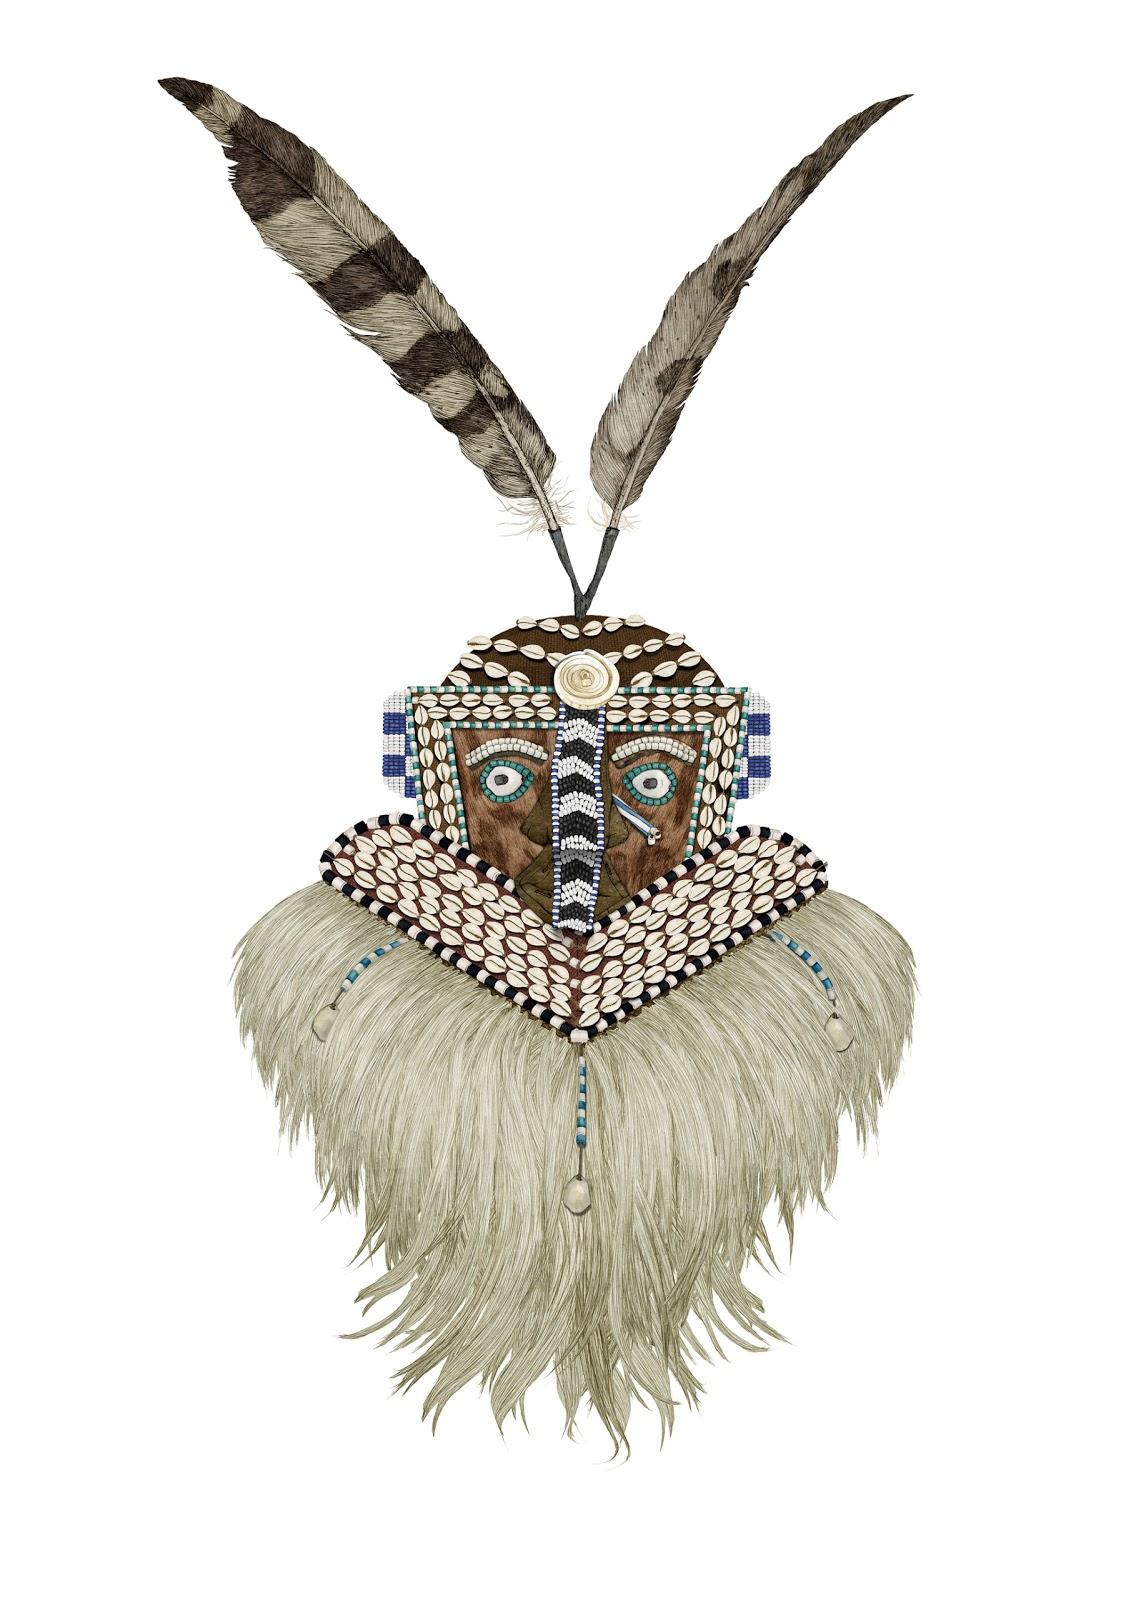 dibujo, coleccion Carsi, mascara Kuba, museo valenciano etnologia